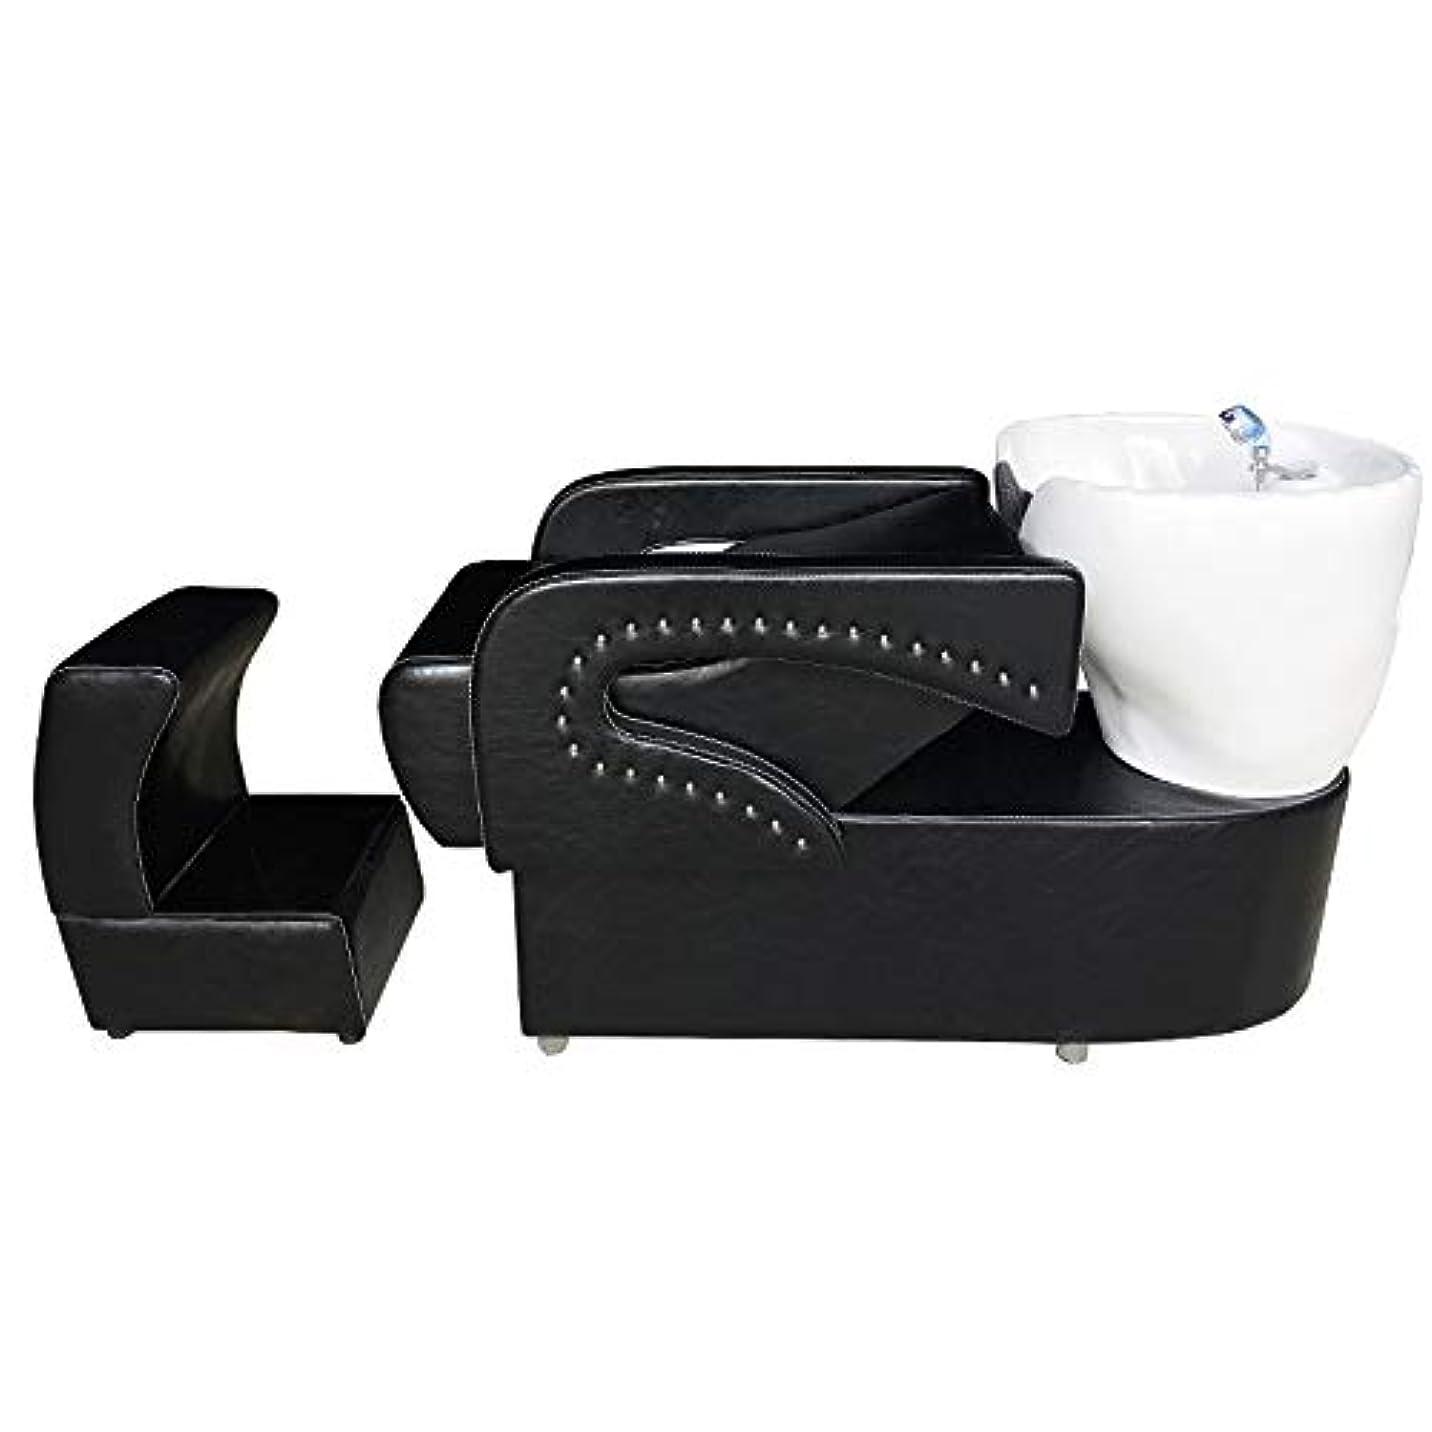 ナインへ写真撮影ご覧くださいシャンプーの理髪師の逆洗の椅子、鉱泉の美容院のためのシャンプーボールの流しの椅子は半くぼみのフラッシュベッドを流します